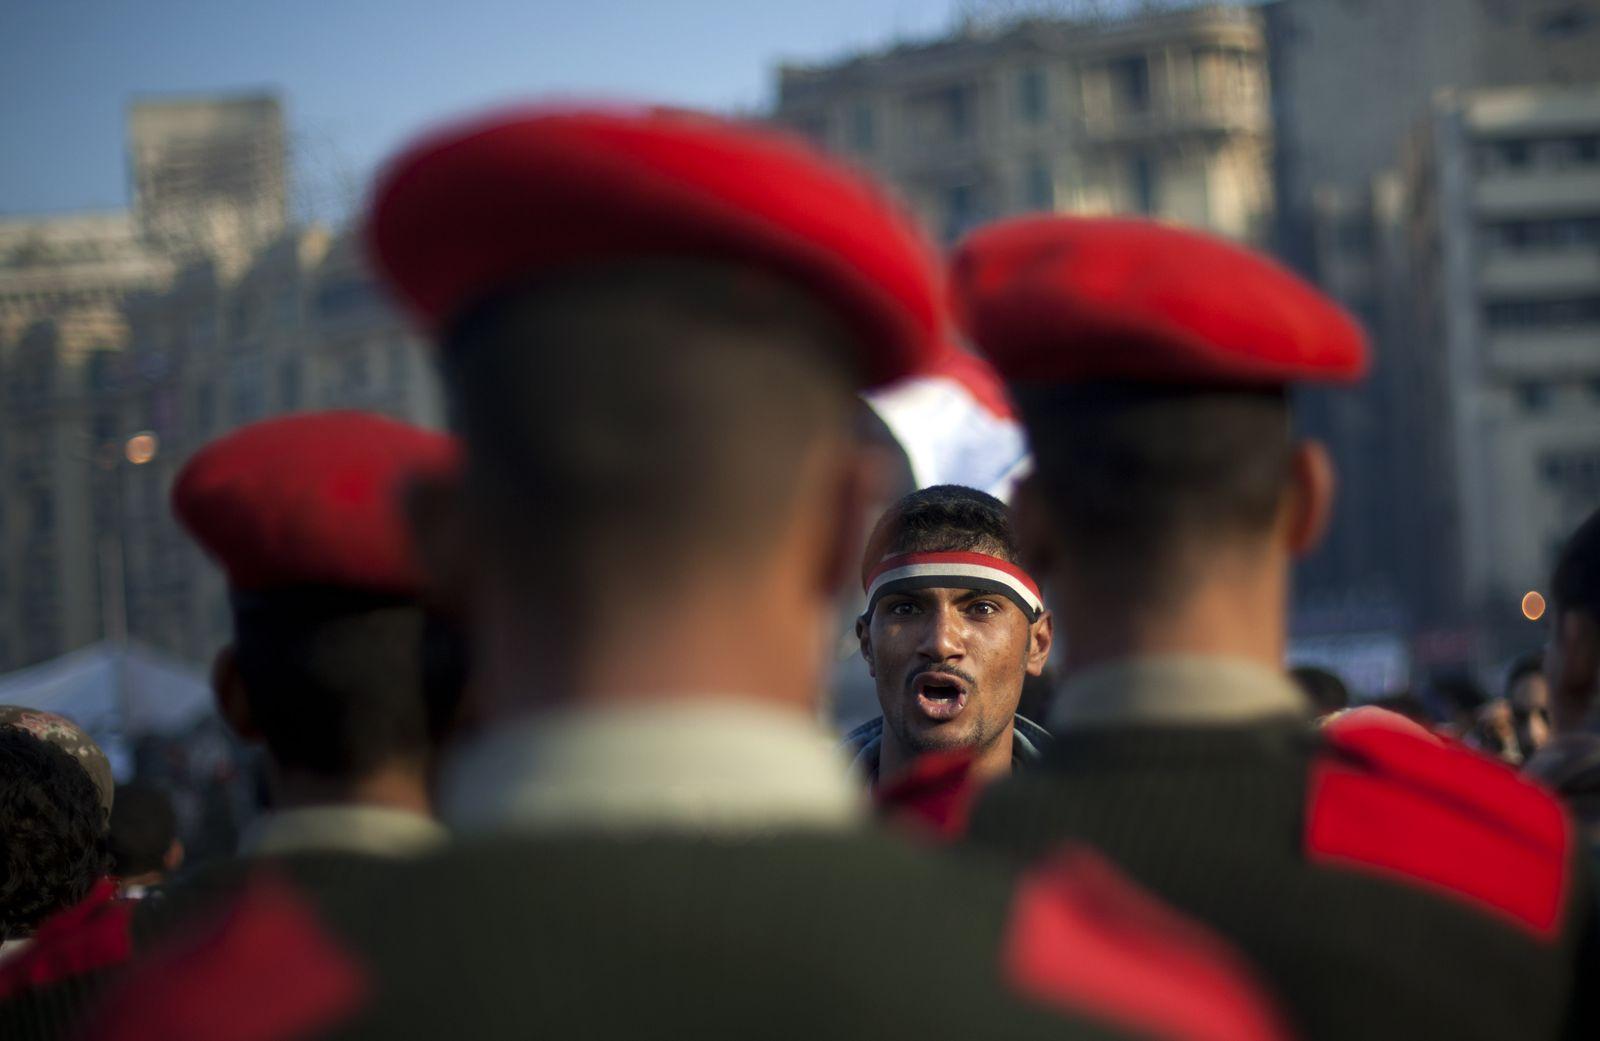 Ägypten / Proteste / 13.02.11